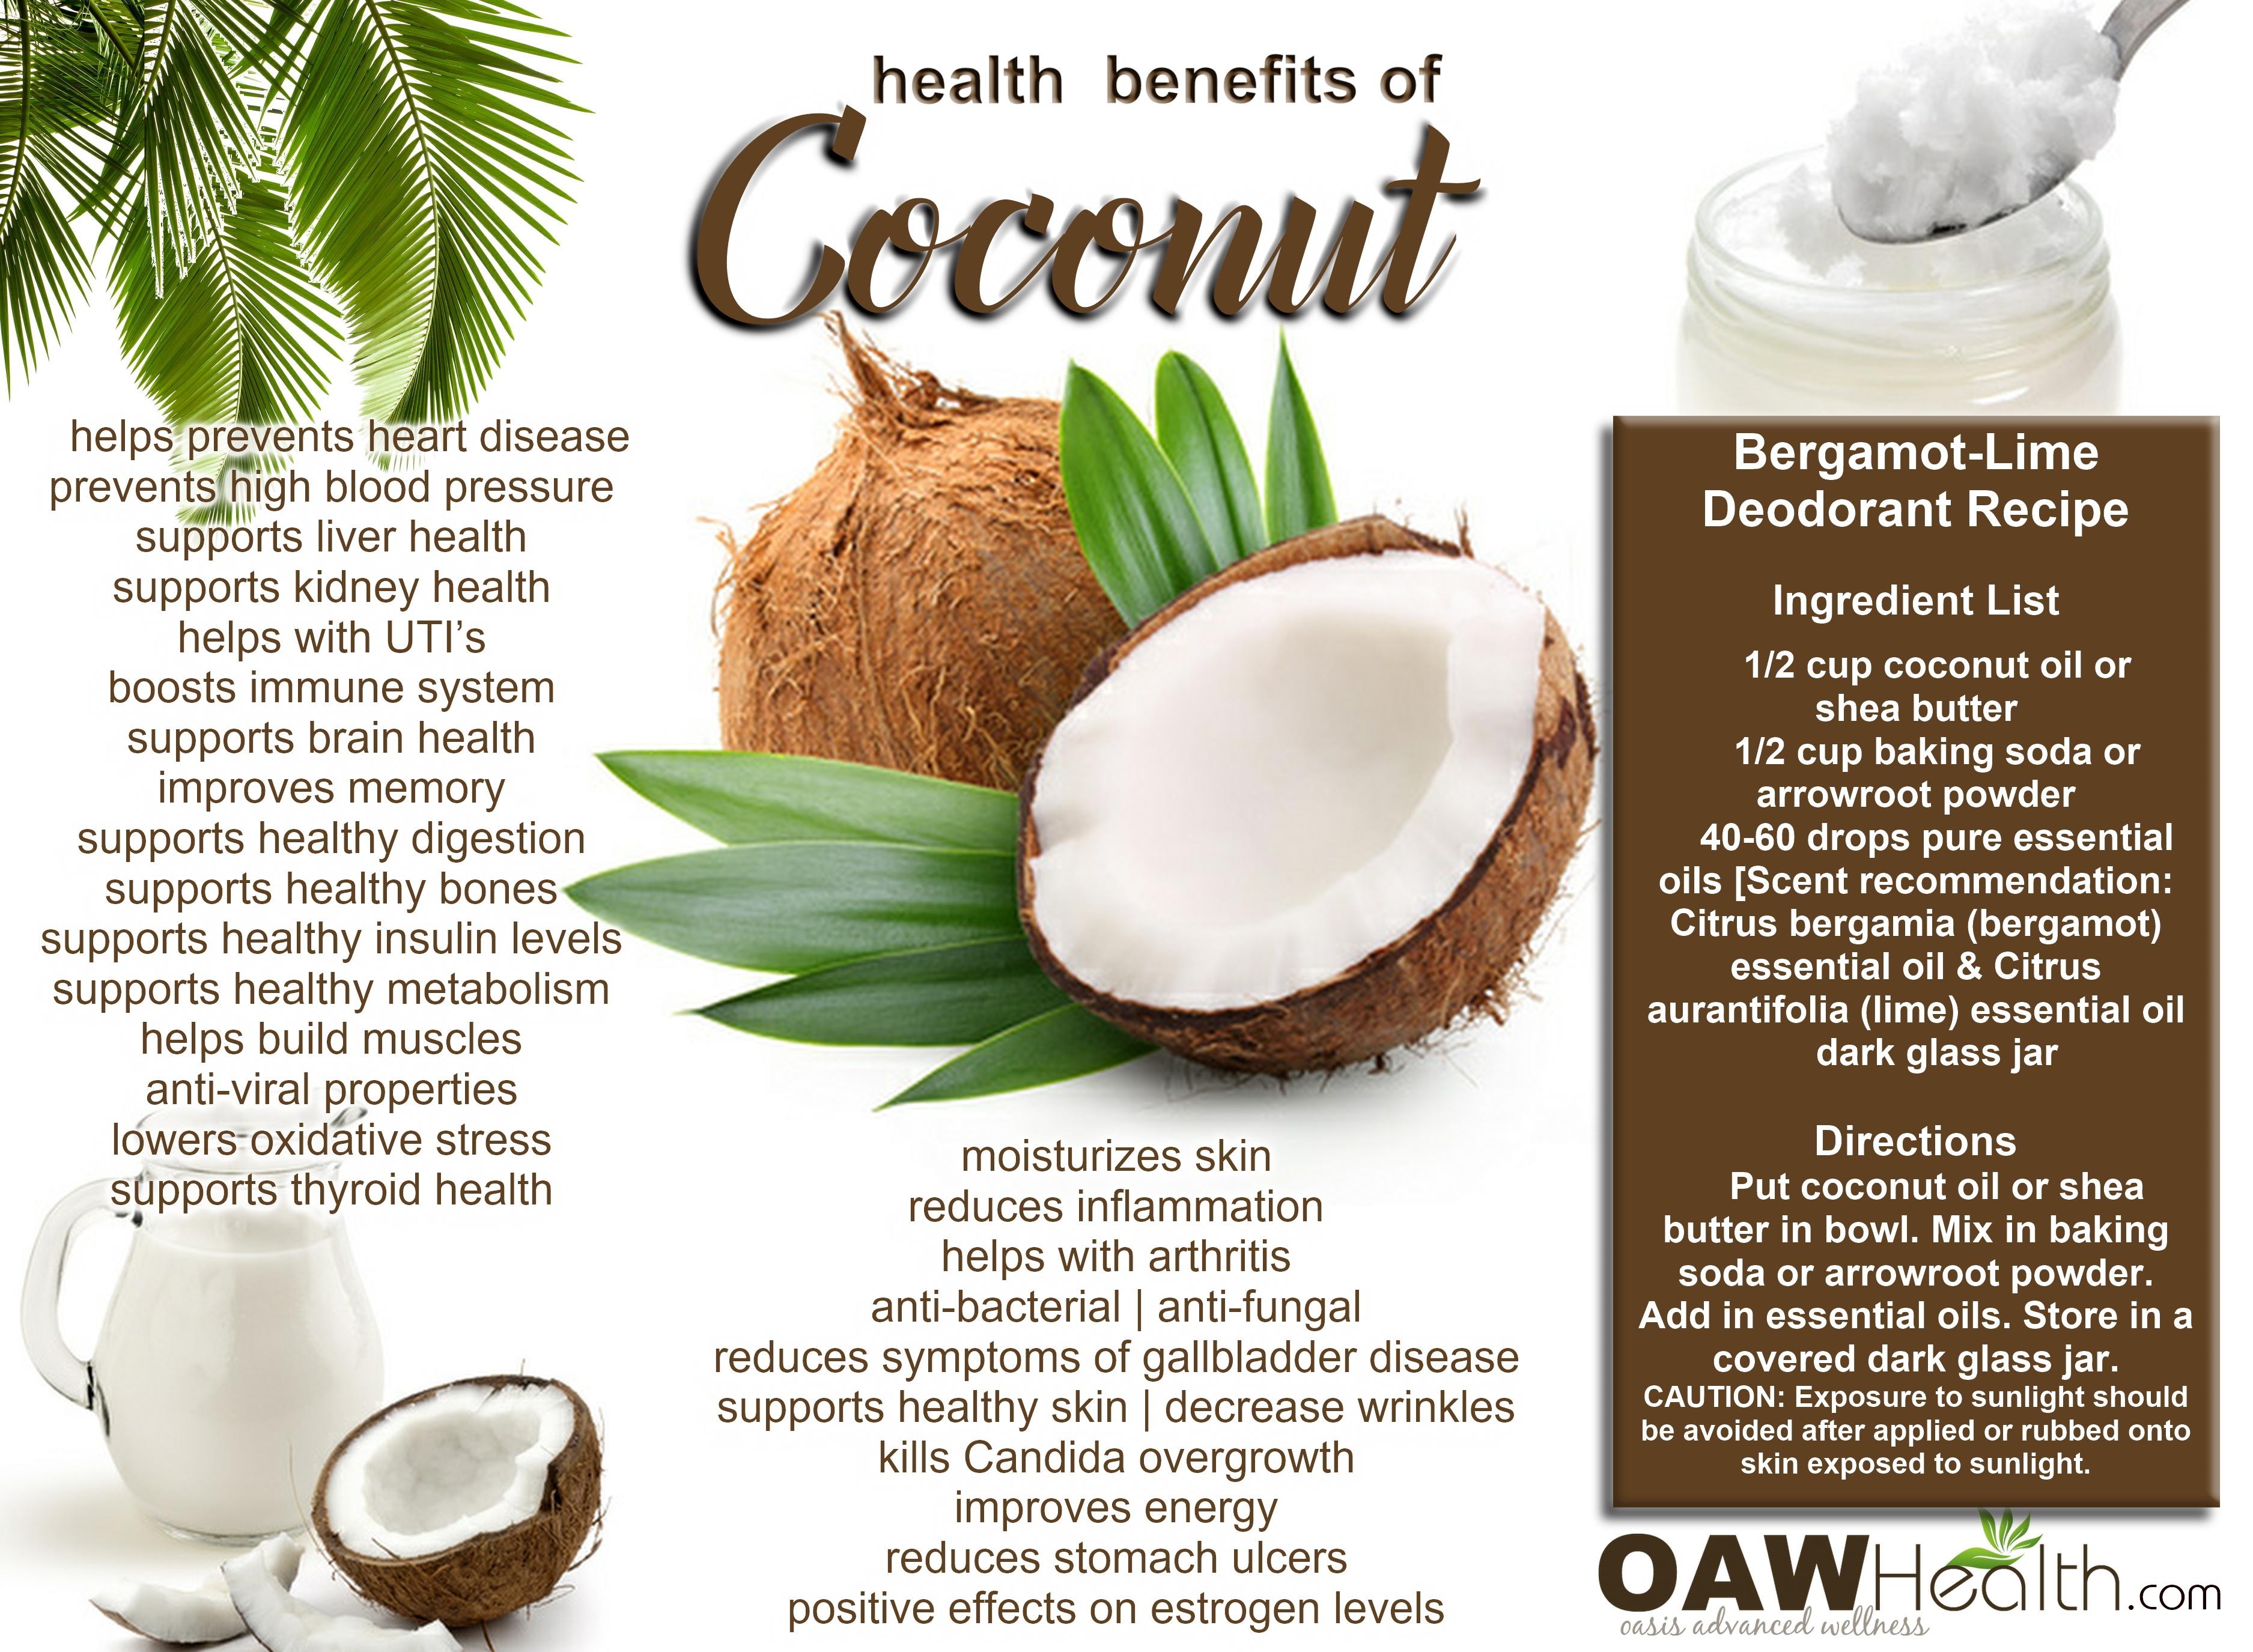 Best Health Benefits of Coconut